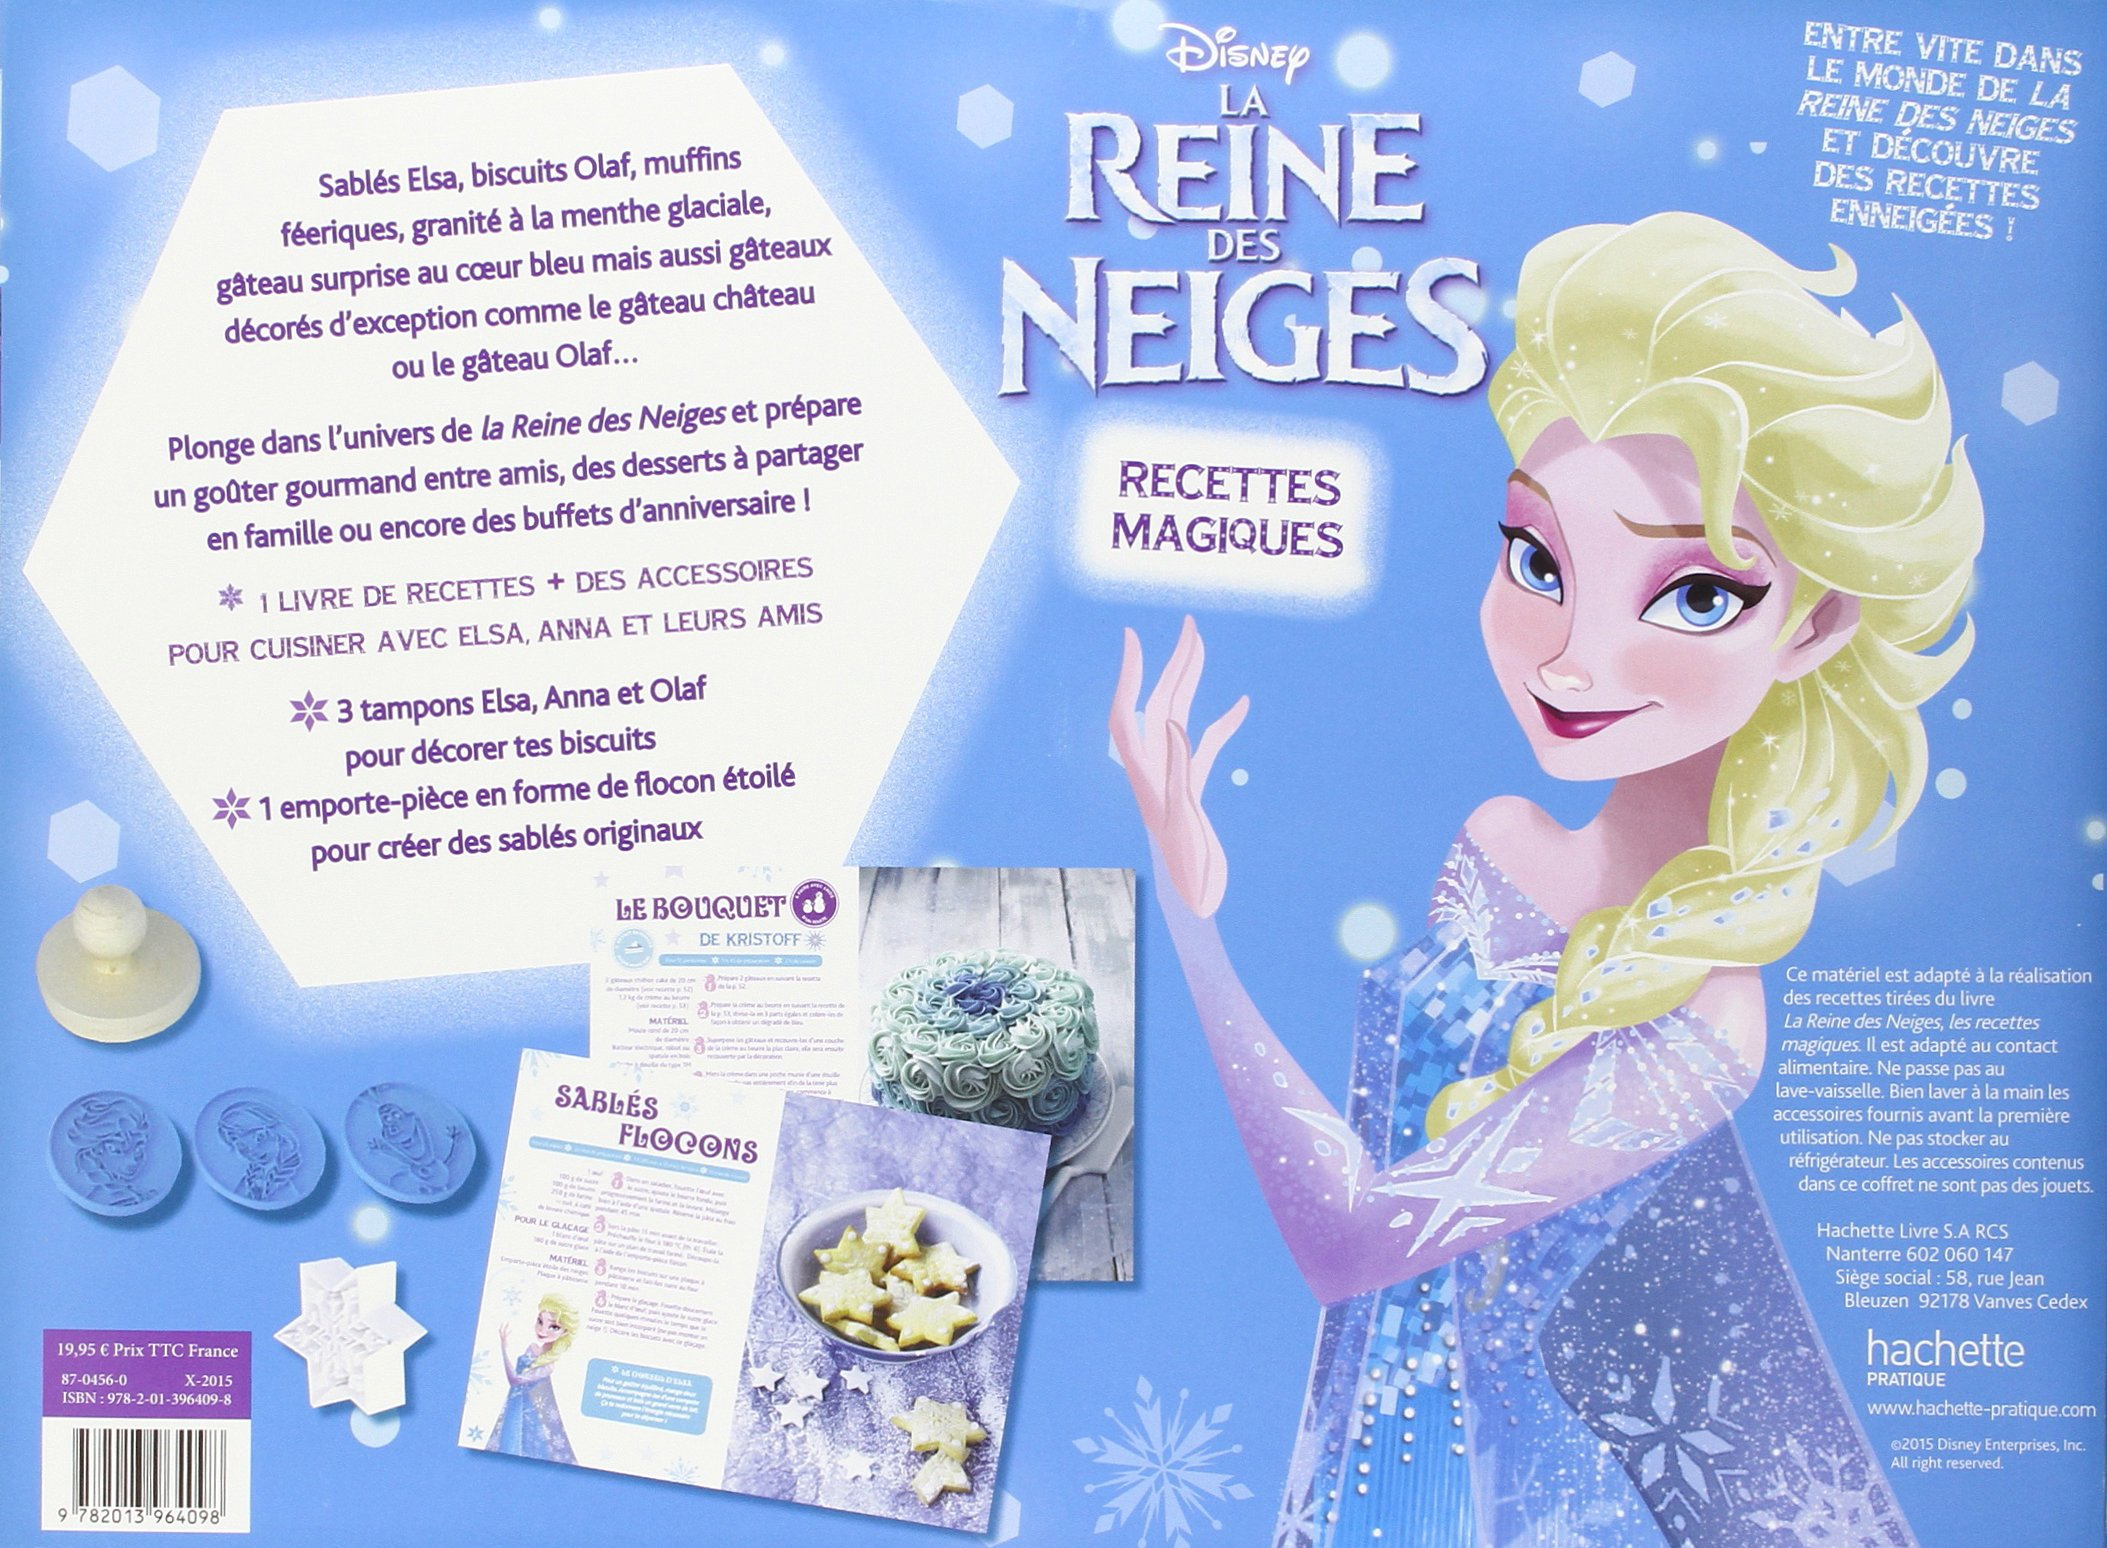 La Reine Des Neiges Recettes Magiques Avec 1 Livre De